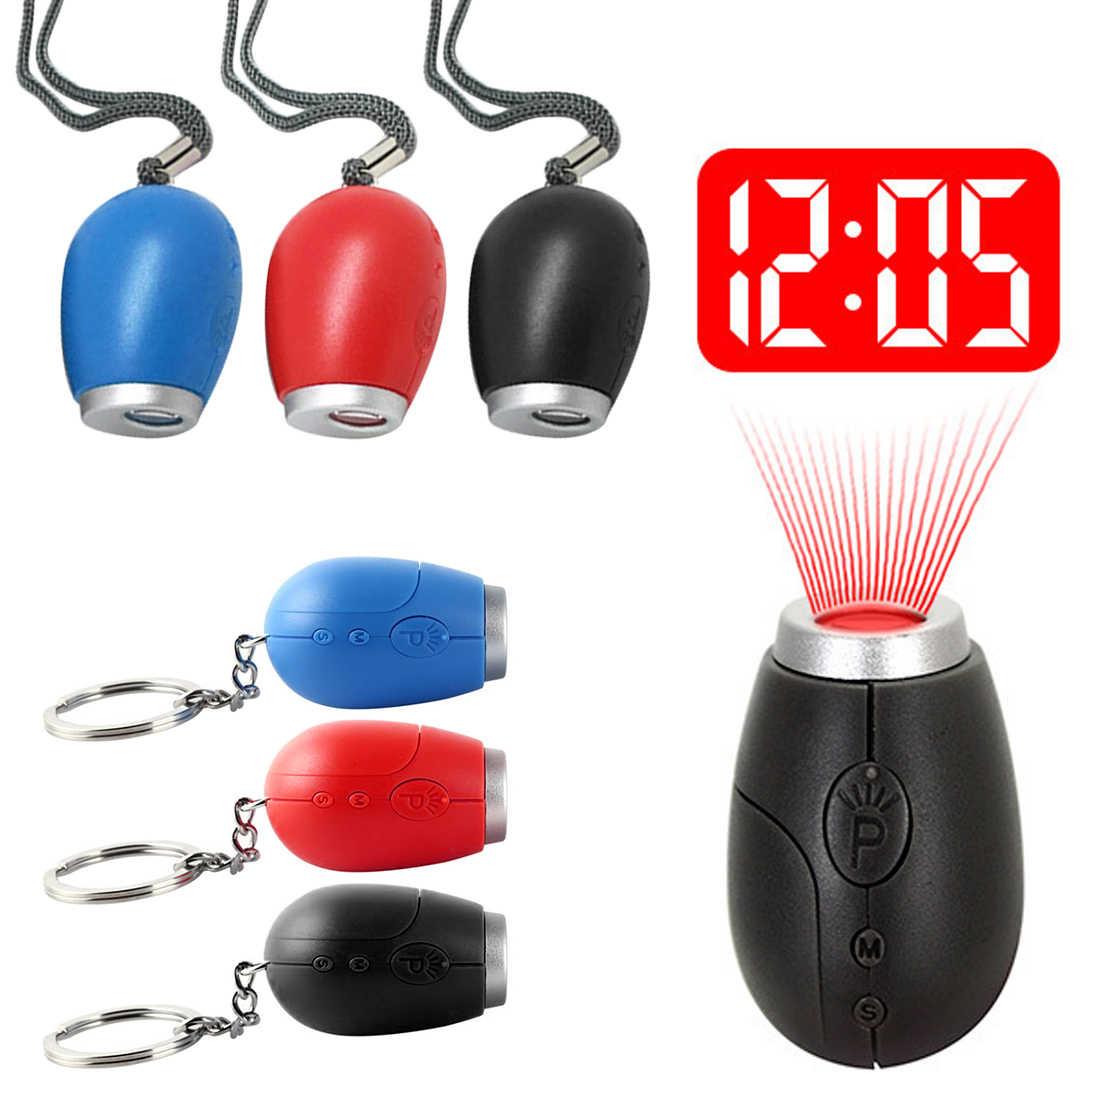 ساعة الإسقاط الرقمية ساعة تنبيه صغيرة دلاية مفاتيح LED ساعة ذات تصميم رائع ليلة ضوء السحر العارض على مدار الساعة مع زر البطارية